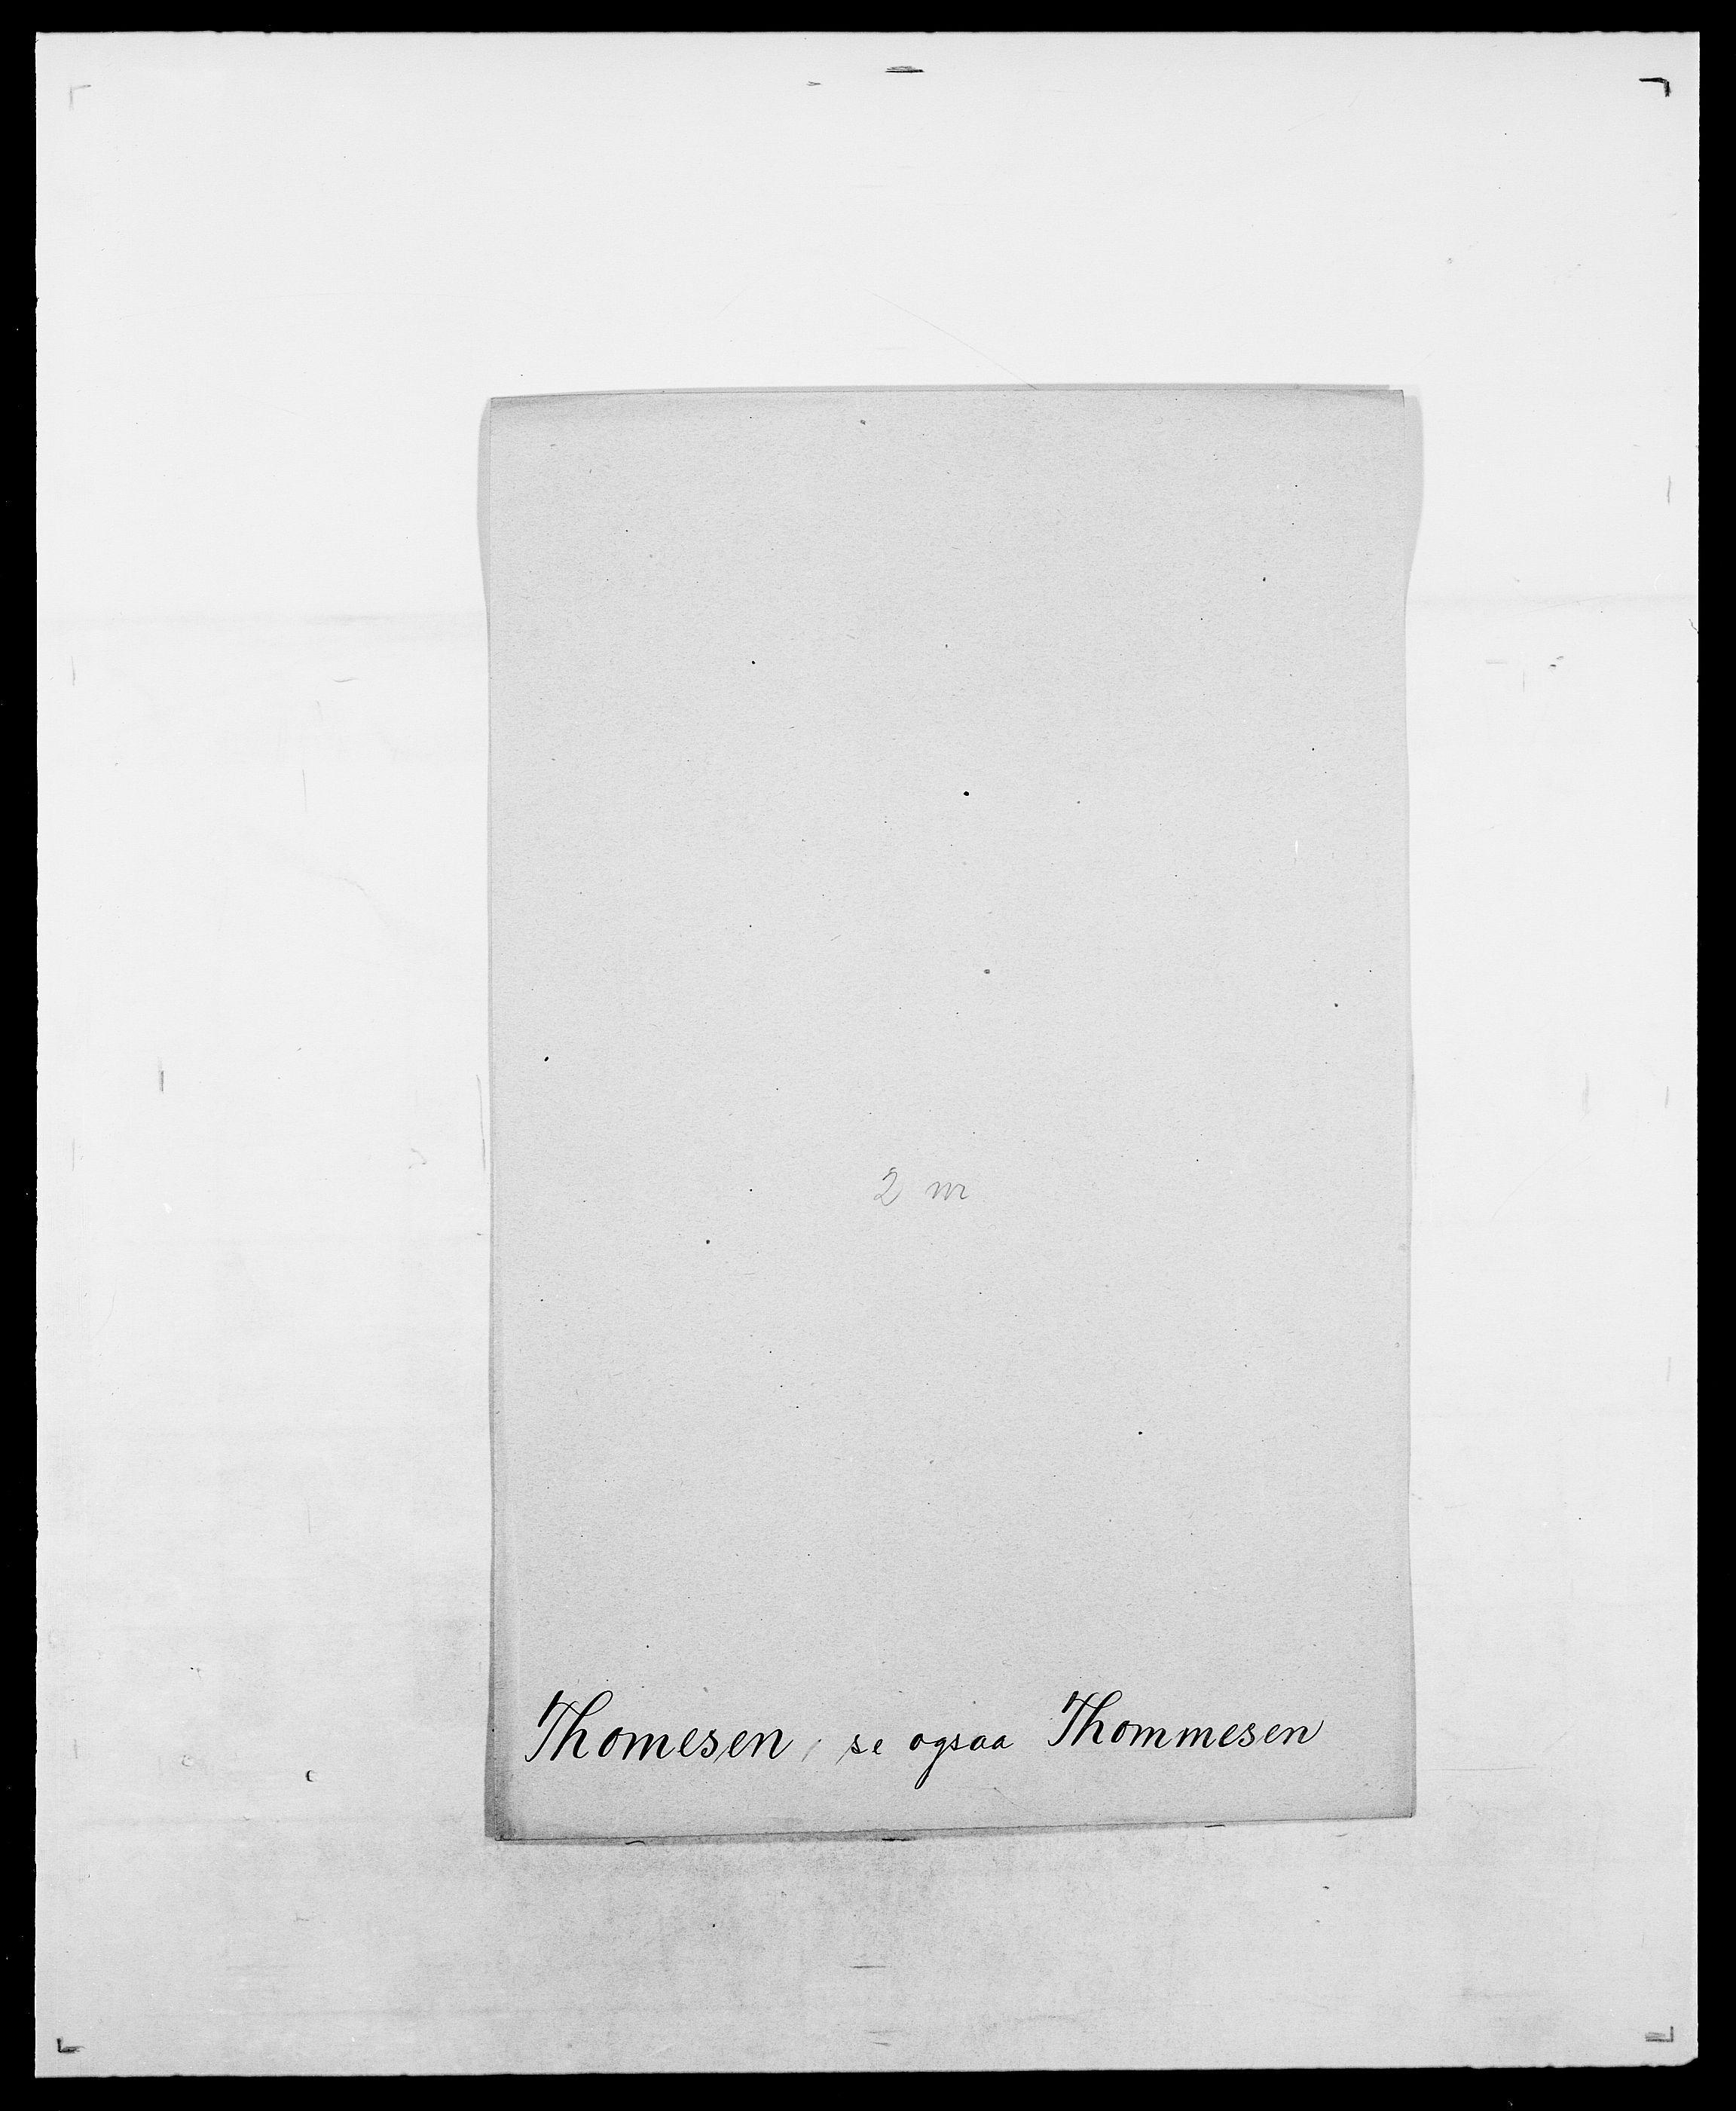 SAO, Delgobe, Charles Antoine - samling, D/Da/L0038: Svanenskjold - Thornsohn, s. 796